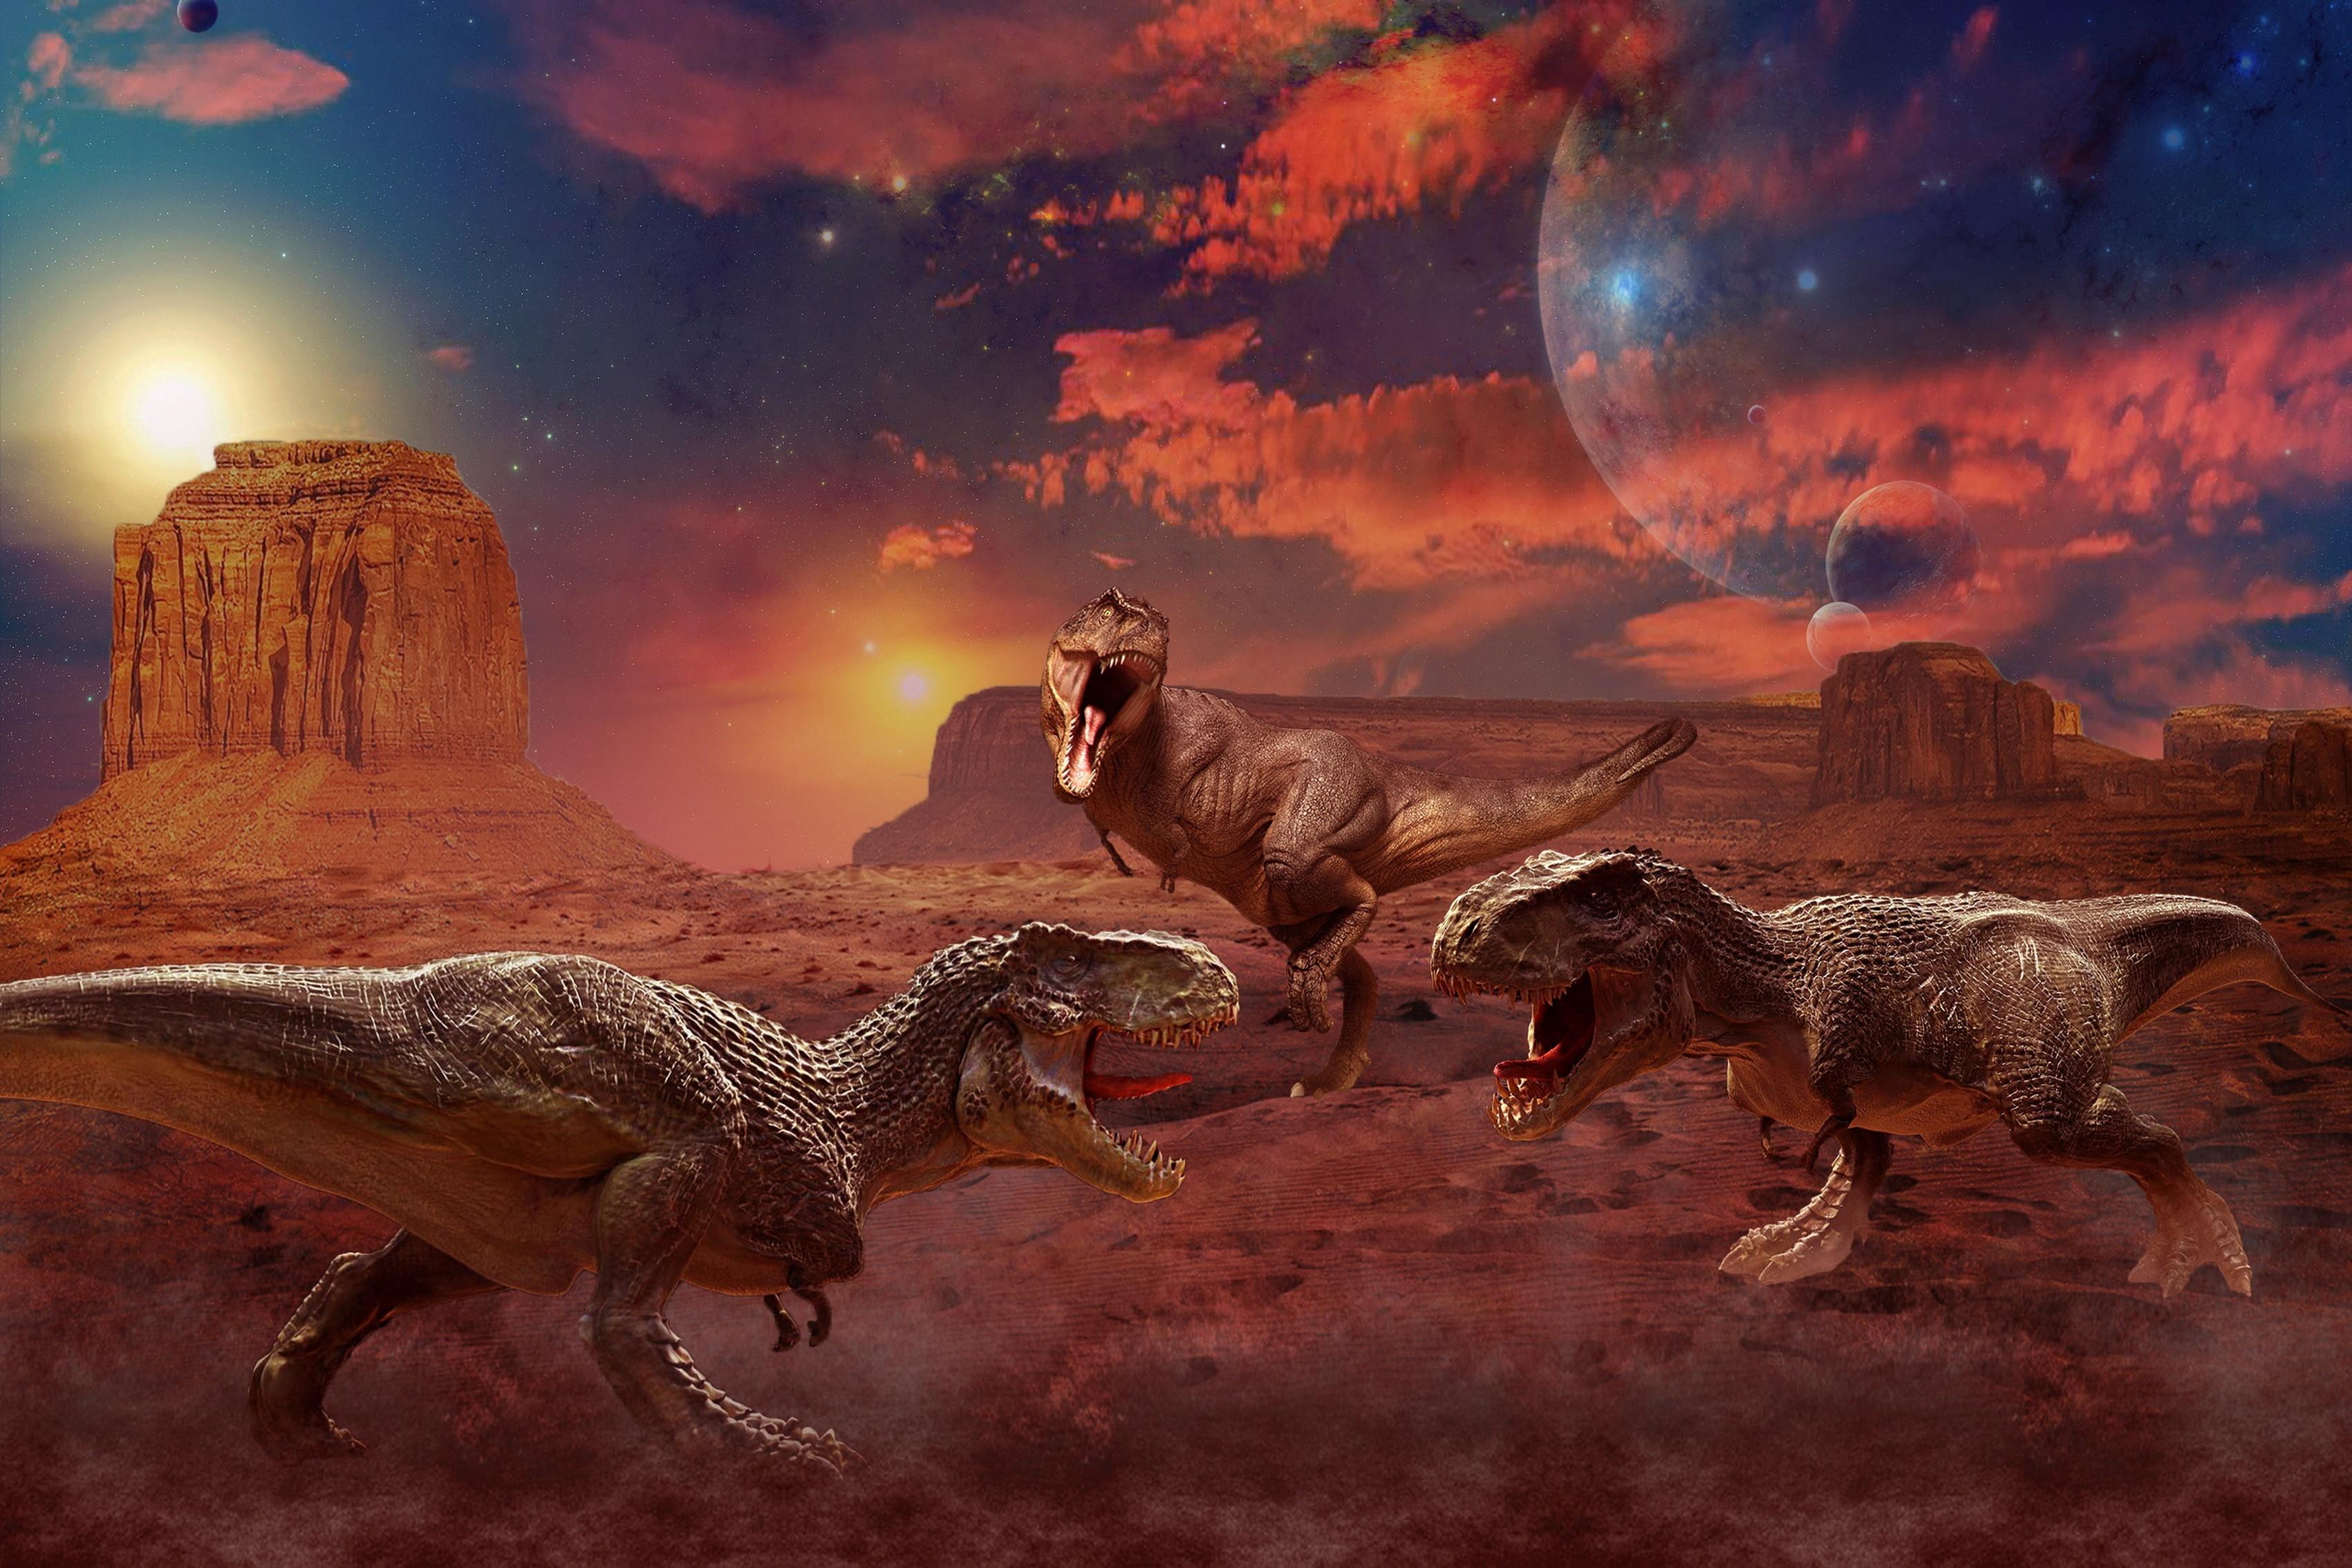 ティラノサウルス同士の戦い